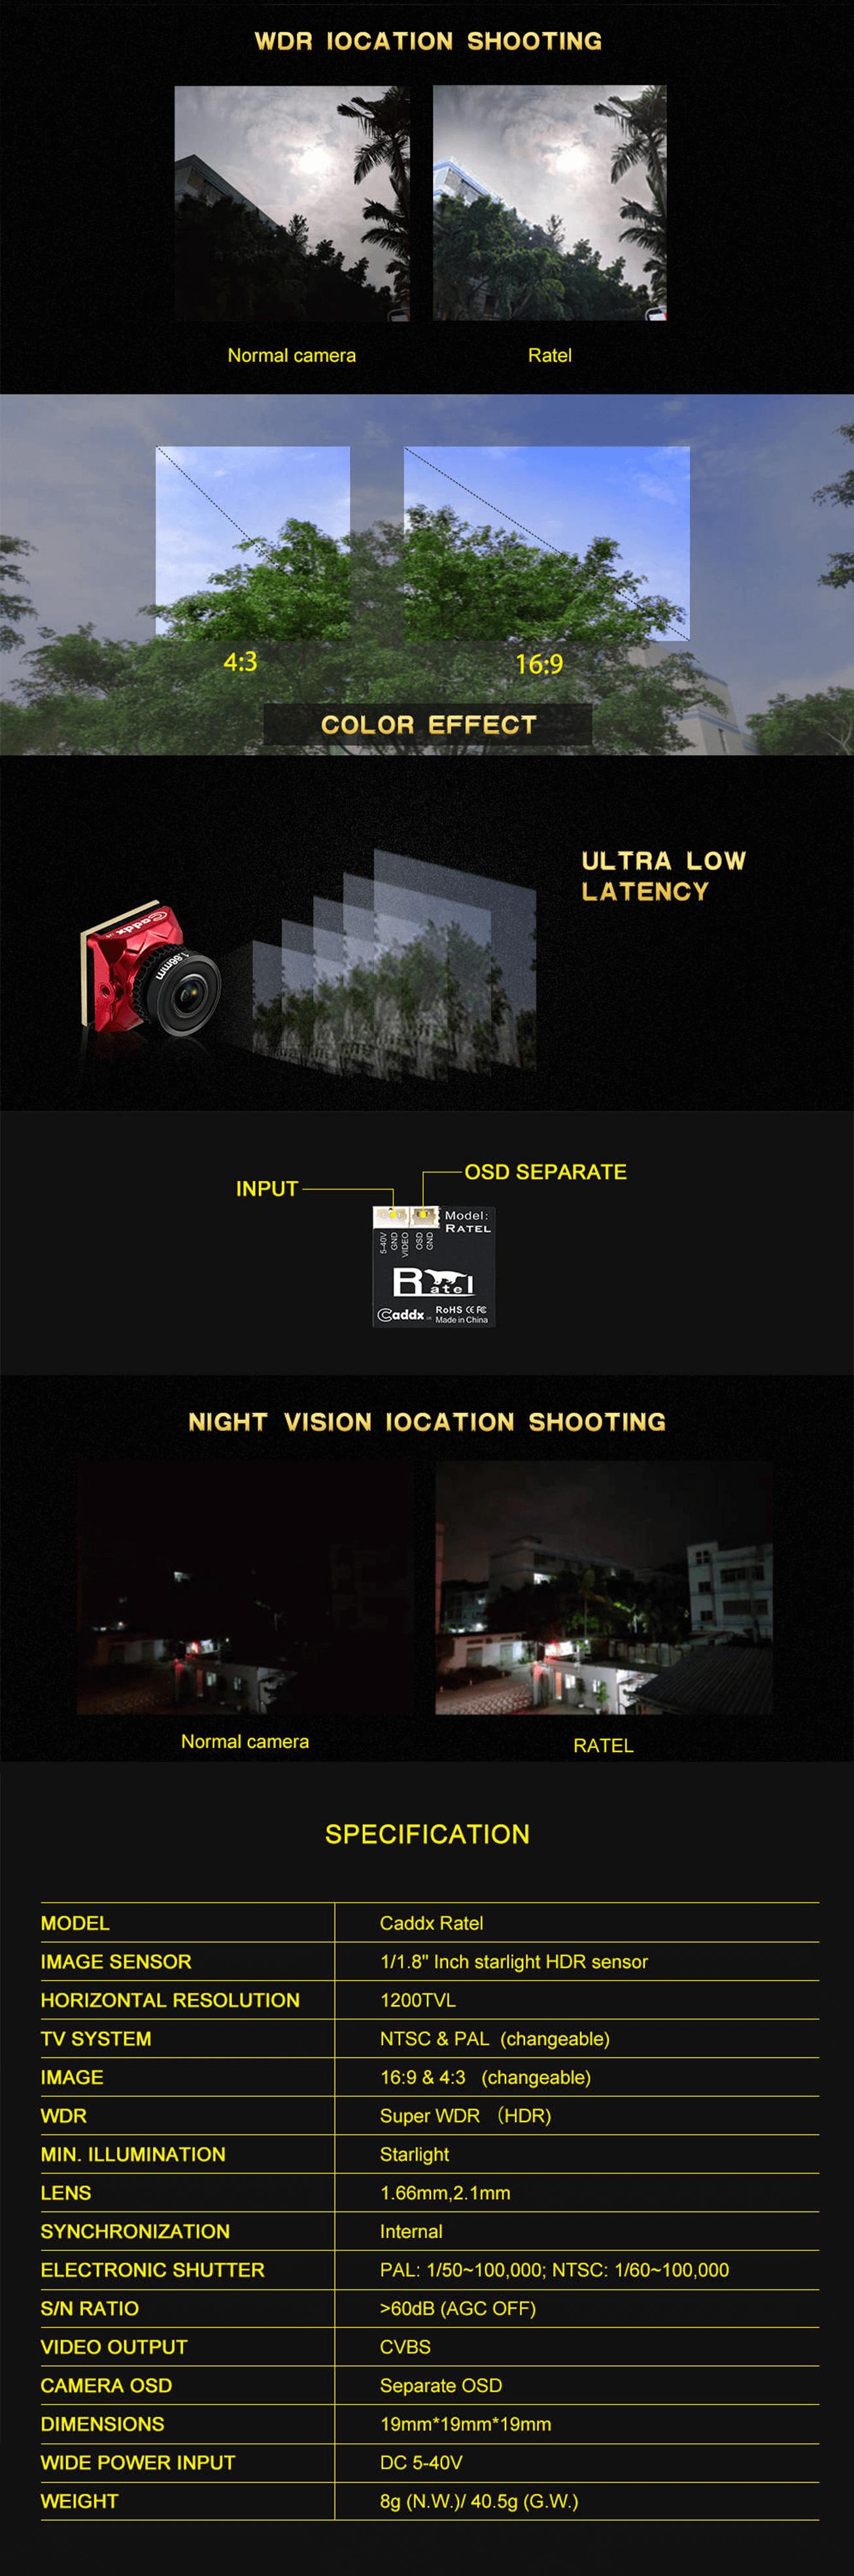 Caddx Ratel bardzo lekka kamera o niezwykłych parametrach.